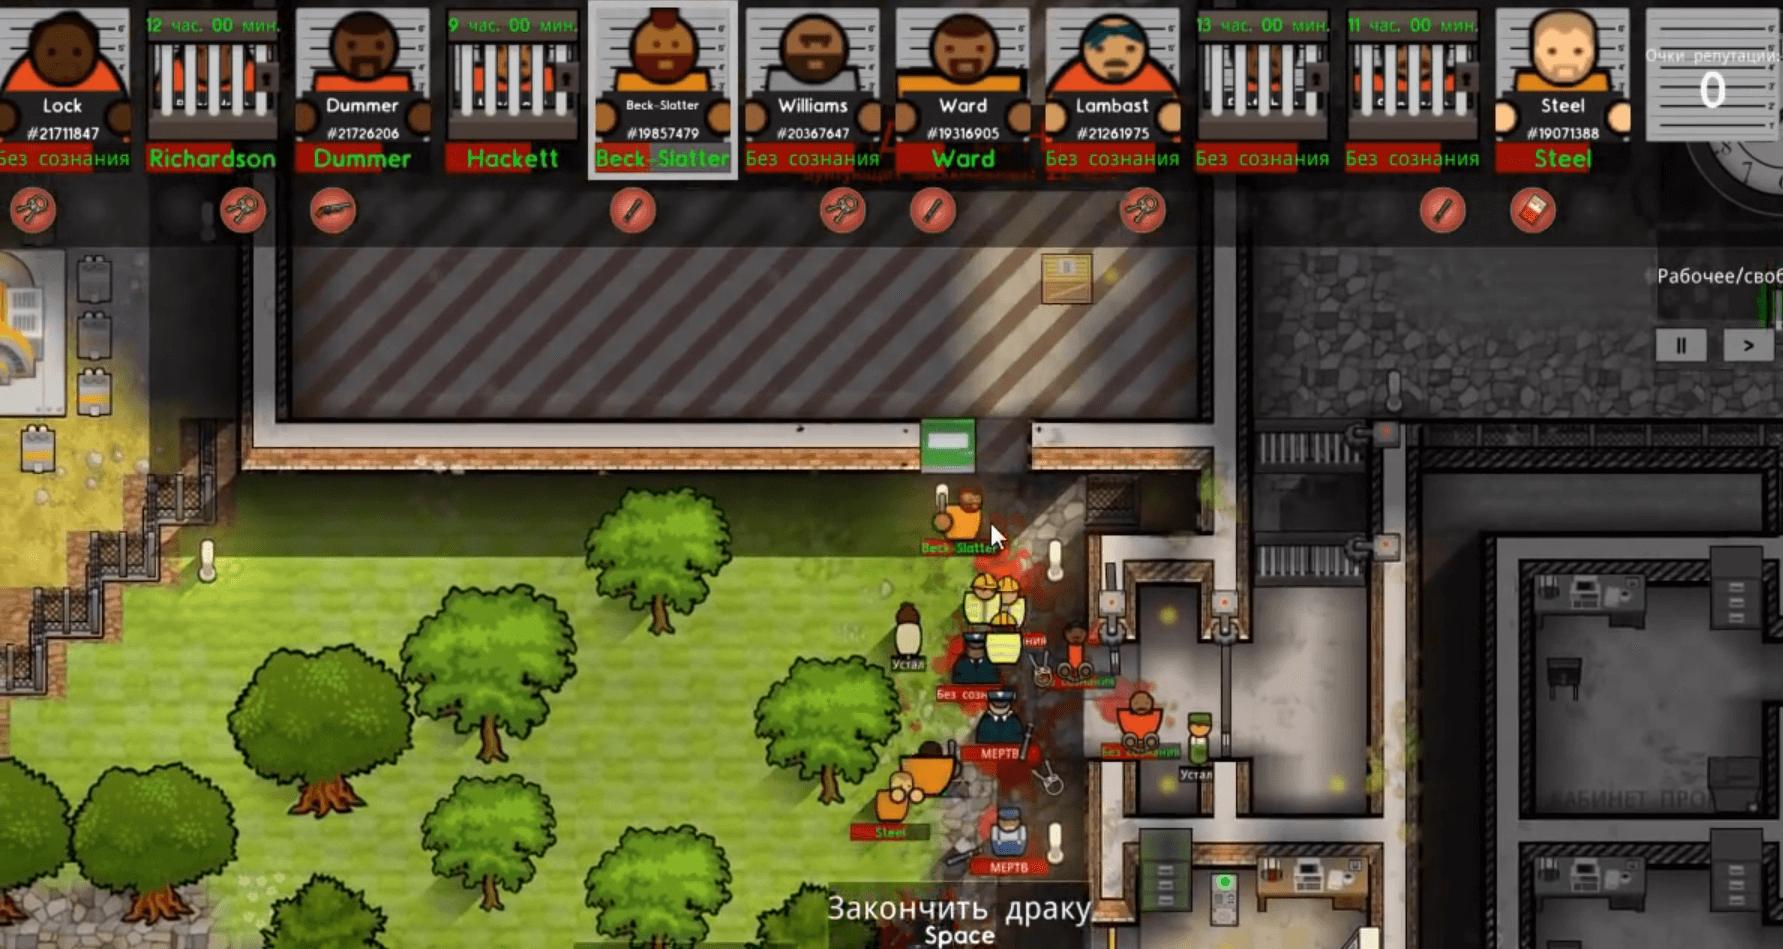 Группа заключенных против охранников